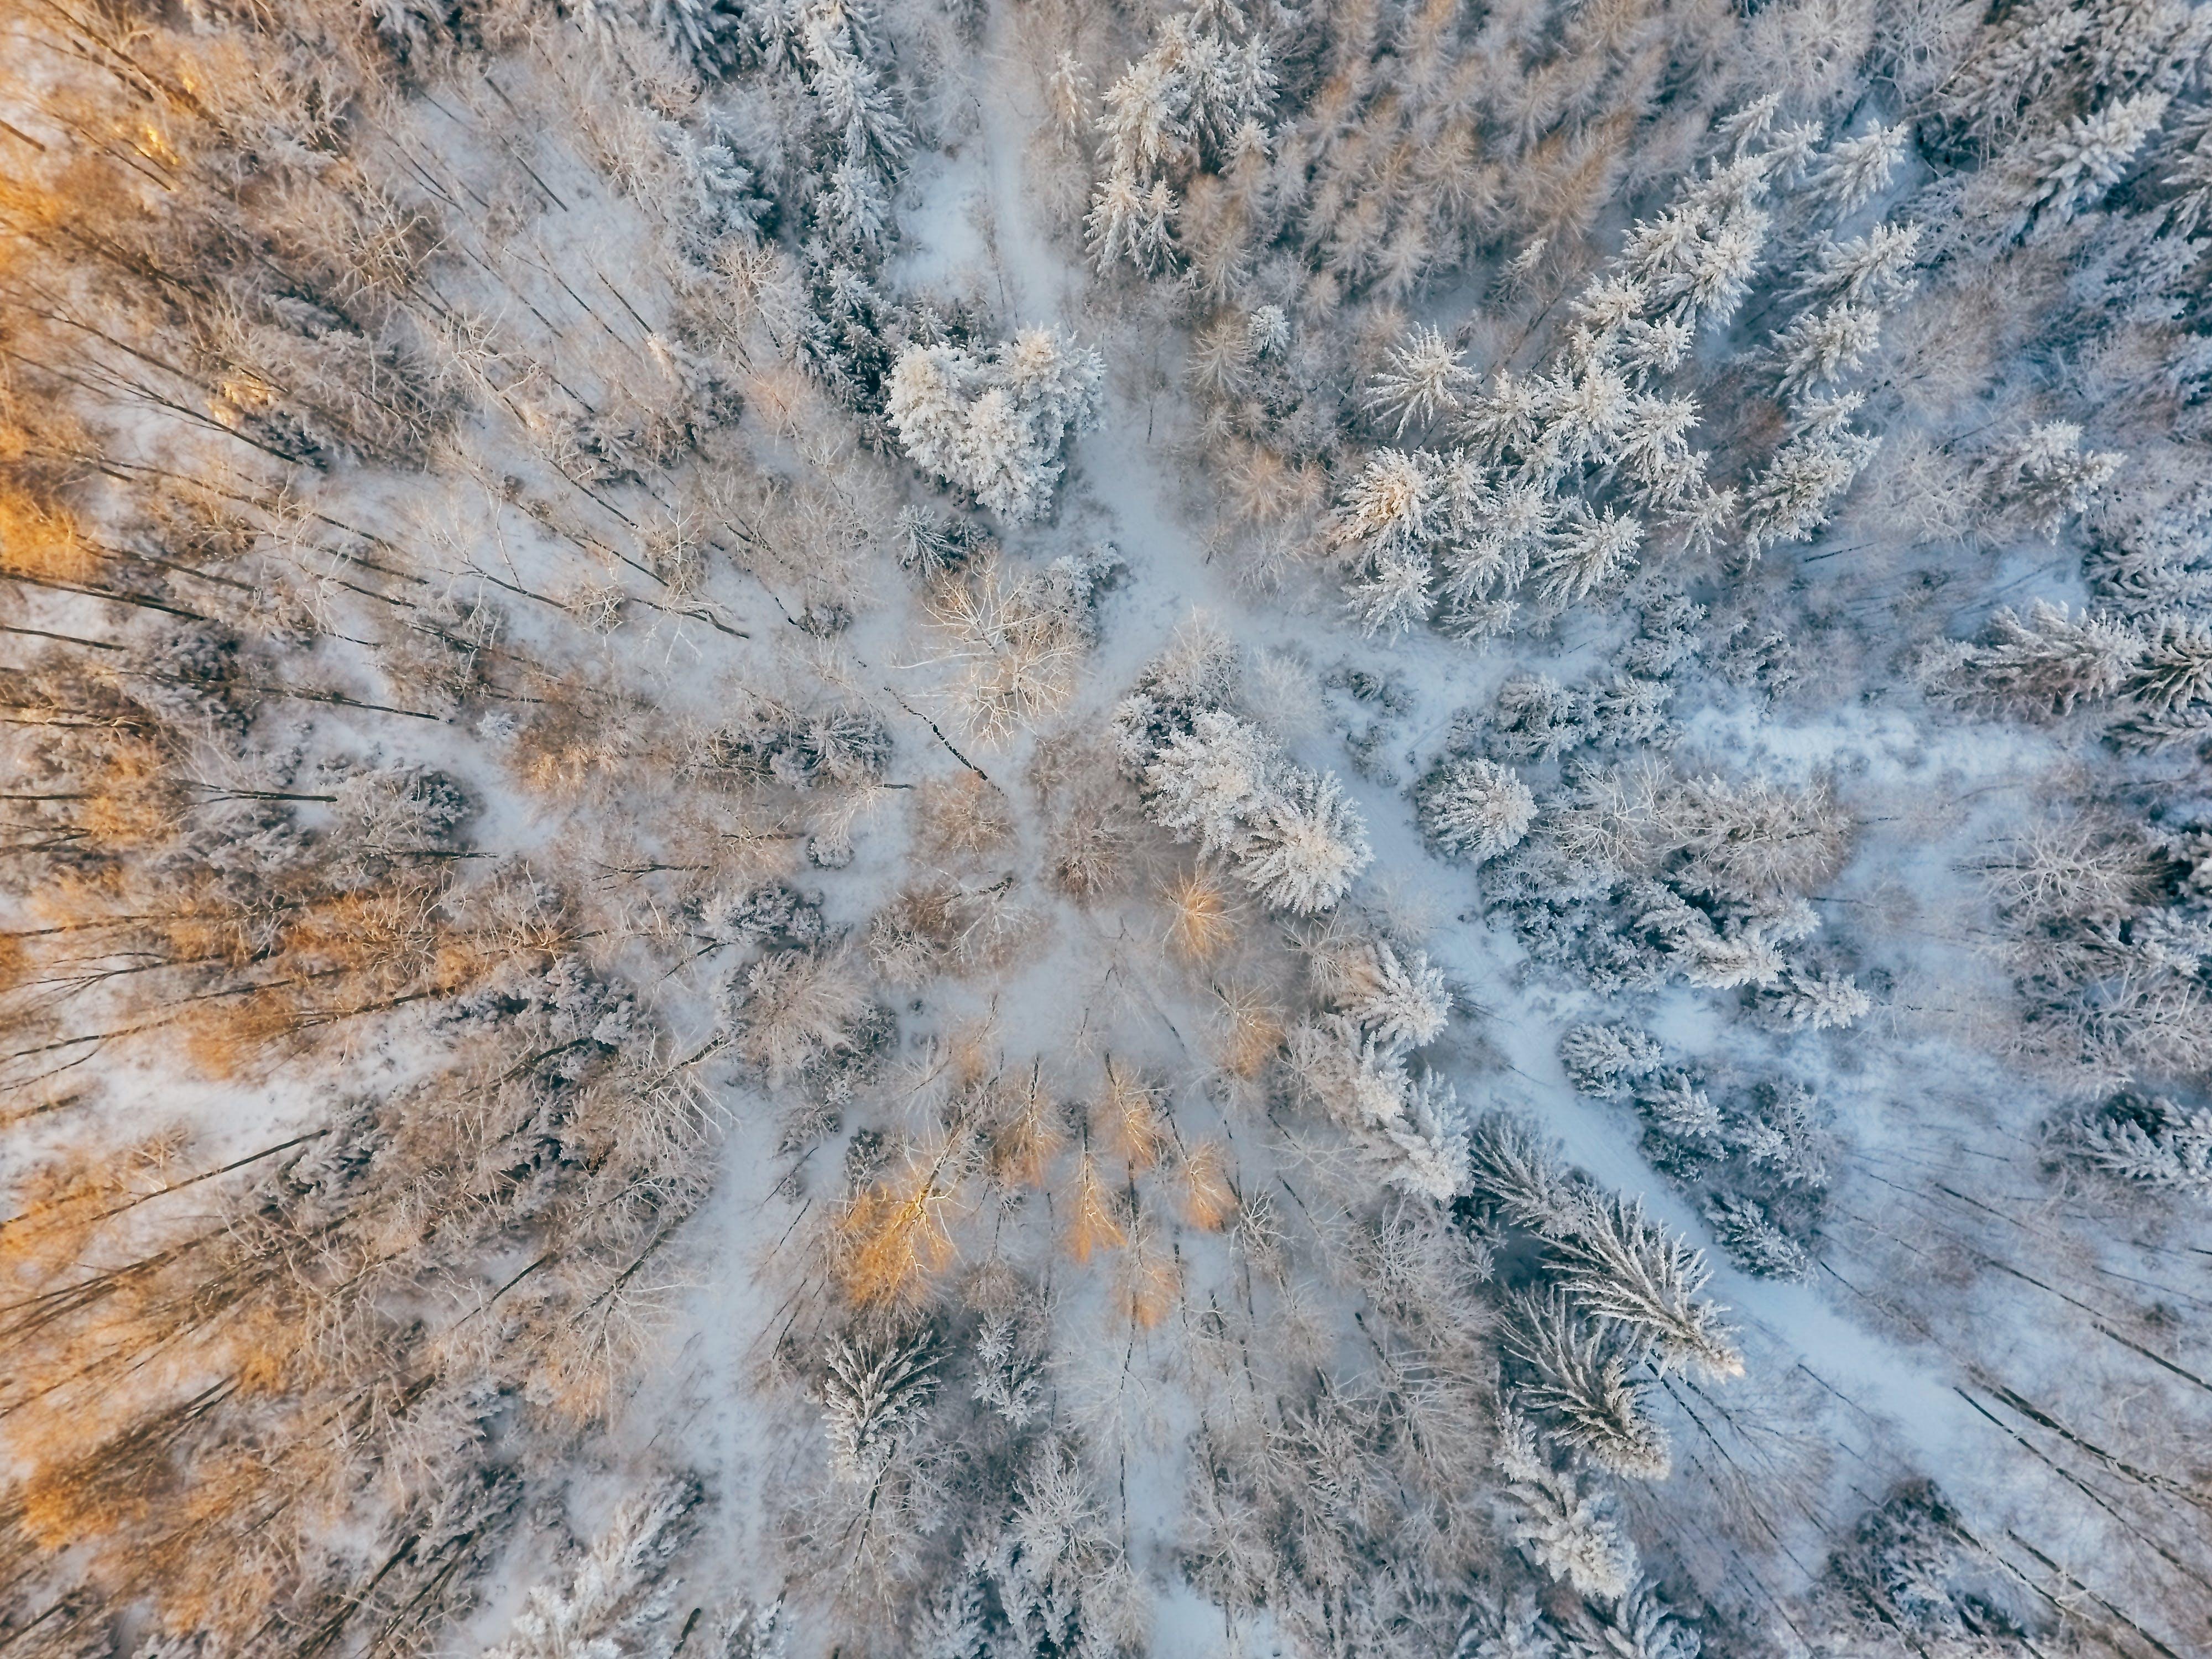 Kostenloses Stock Foto zu bäume, draußen, eis, frost